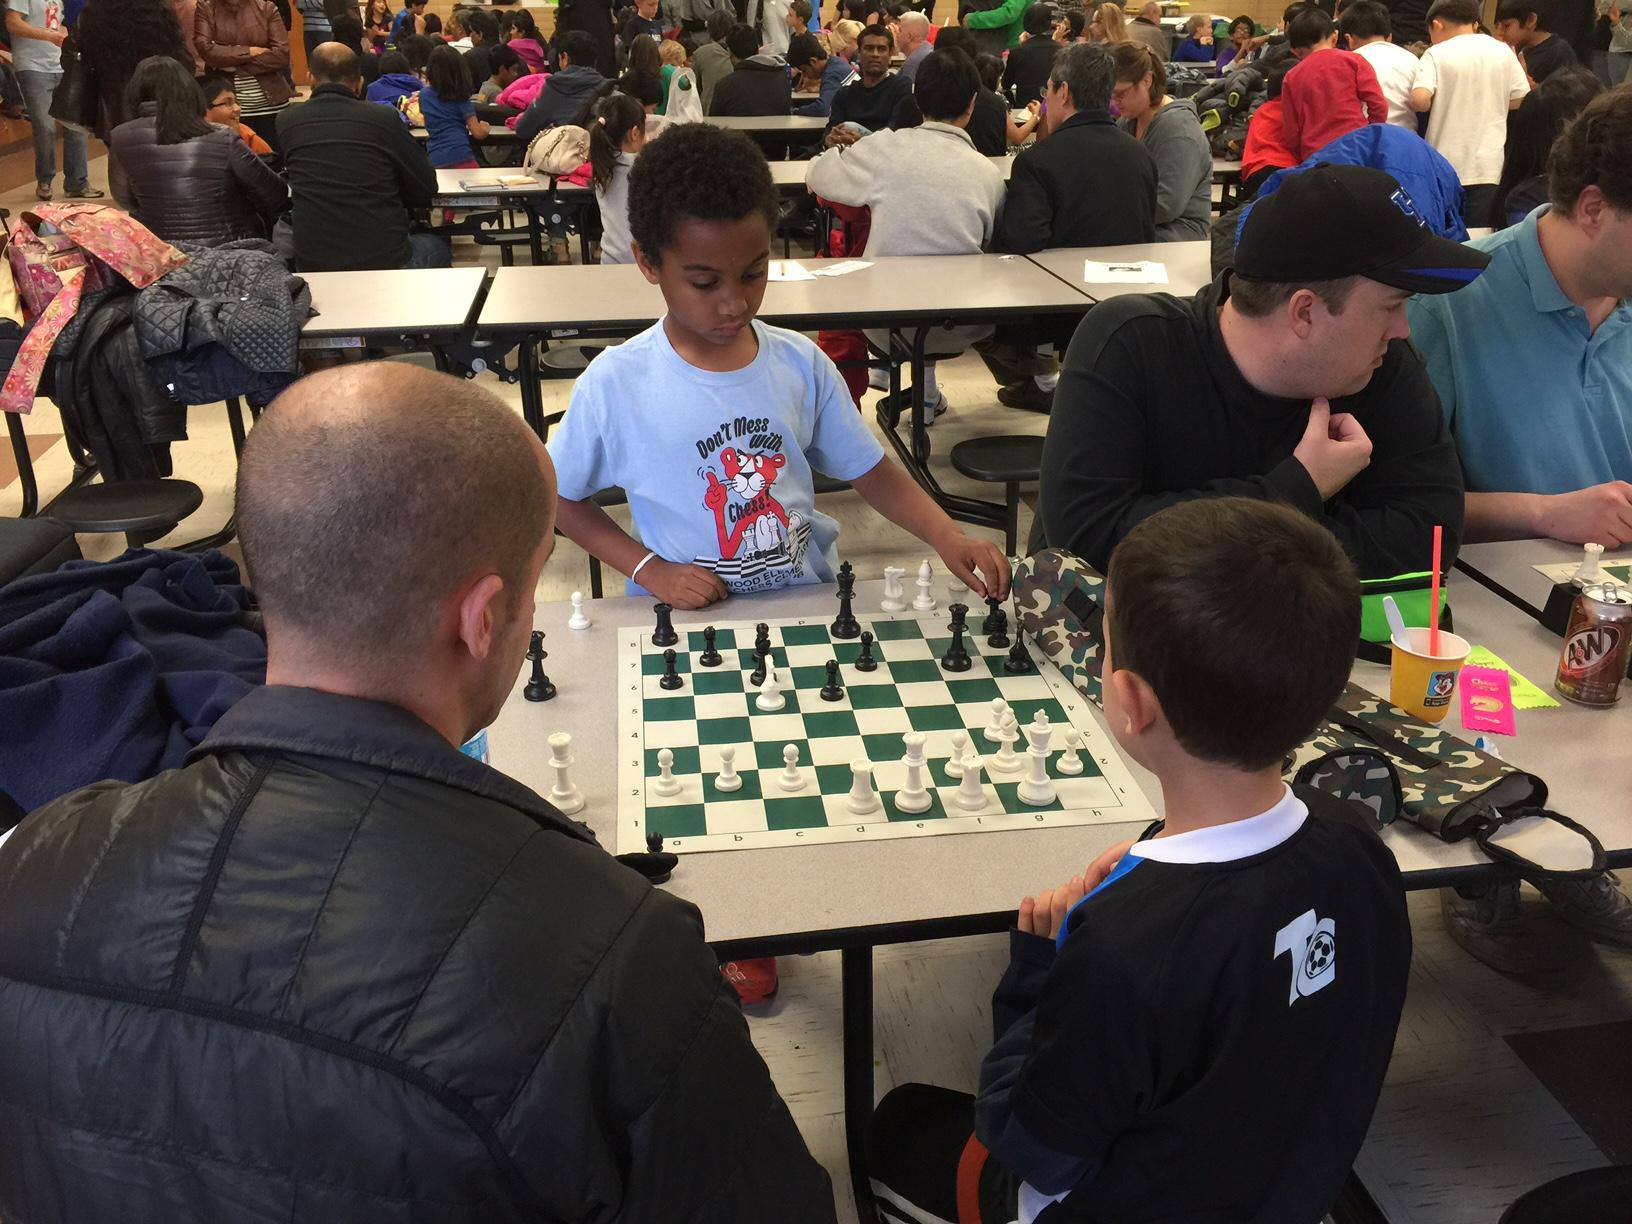 Chess practice